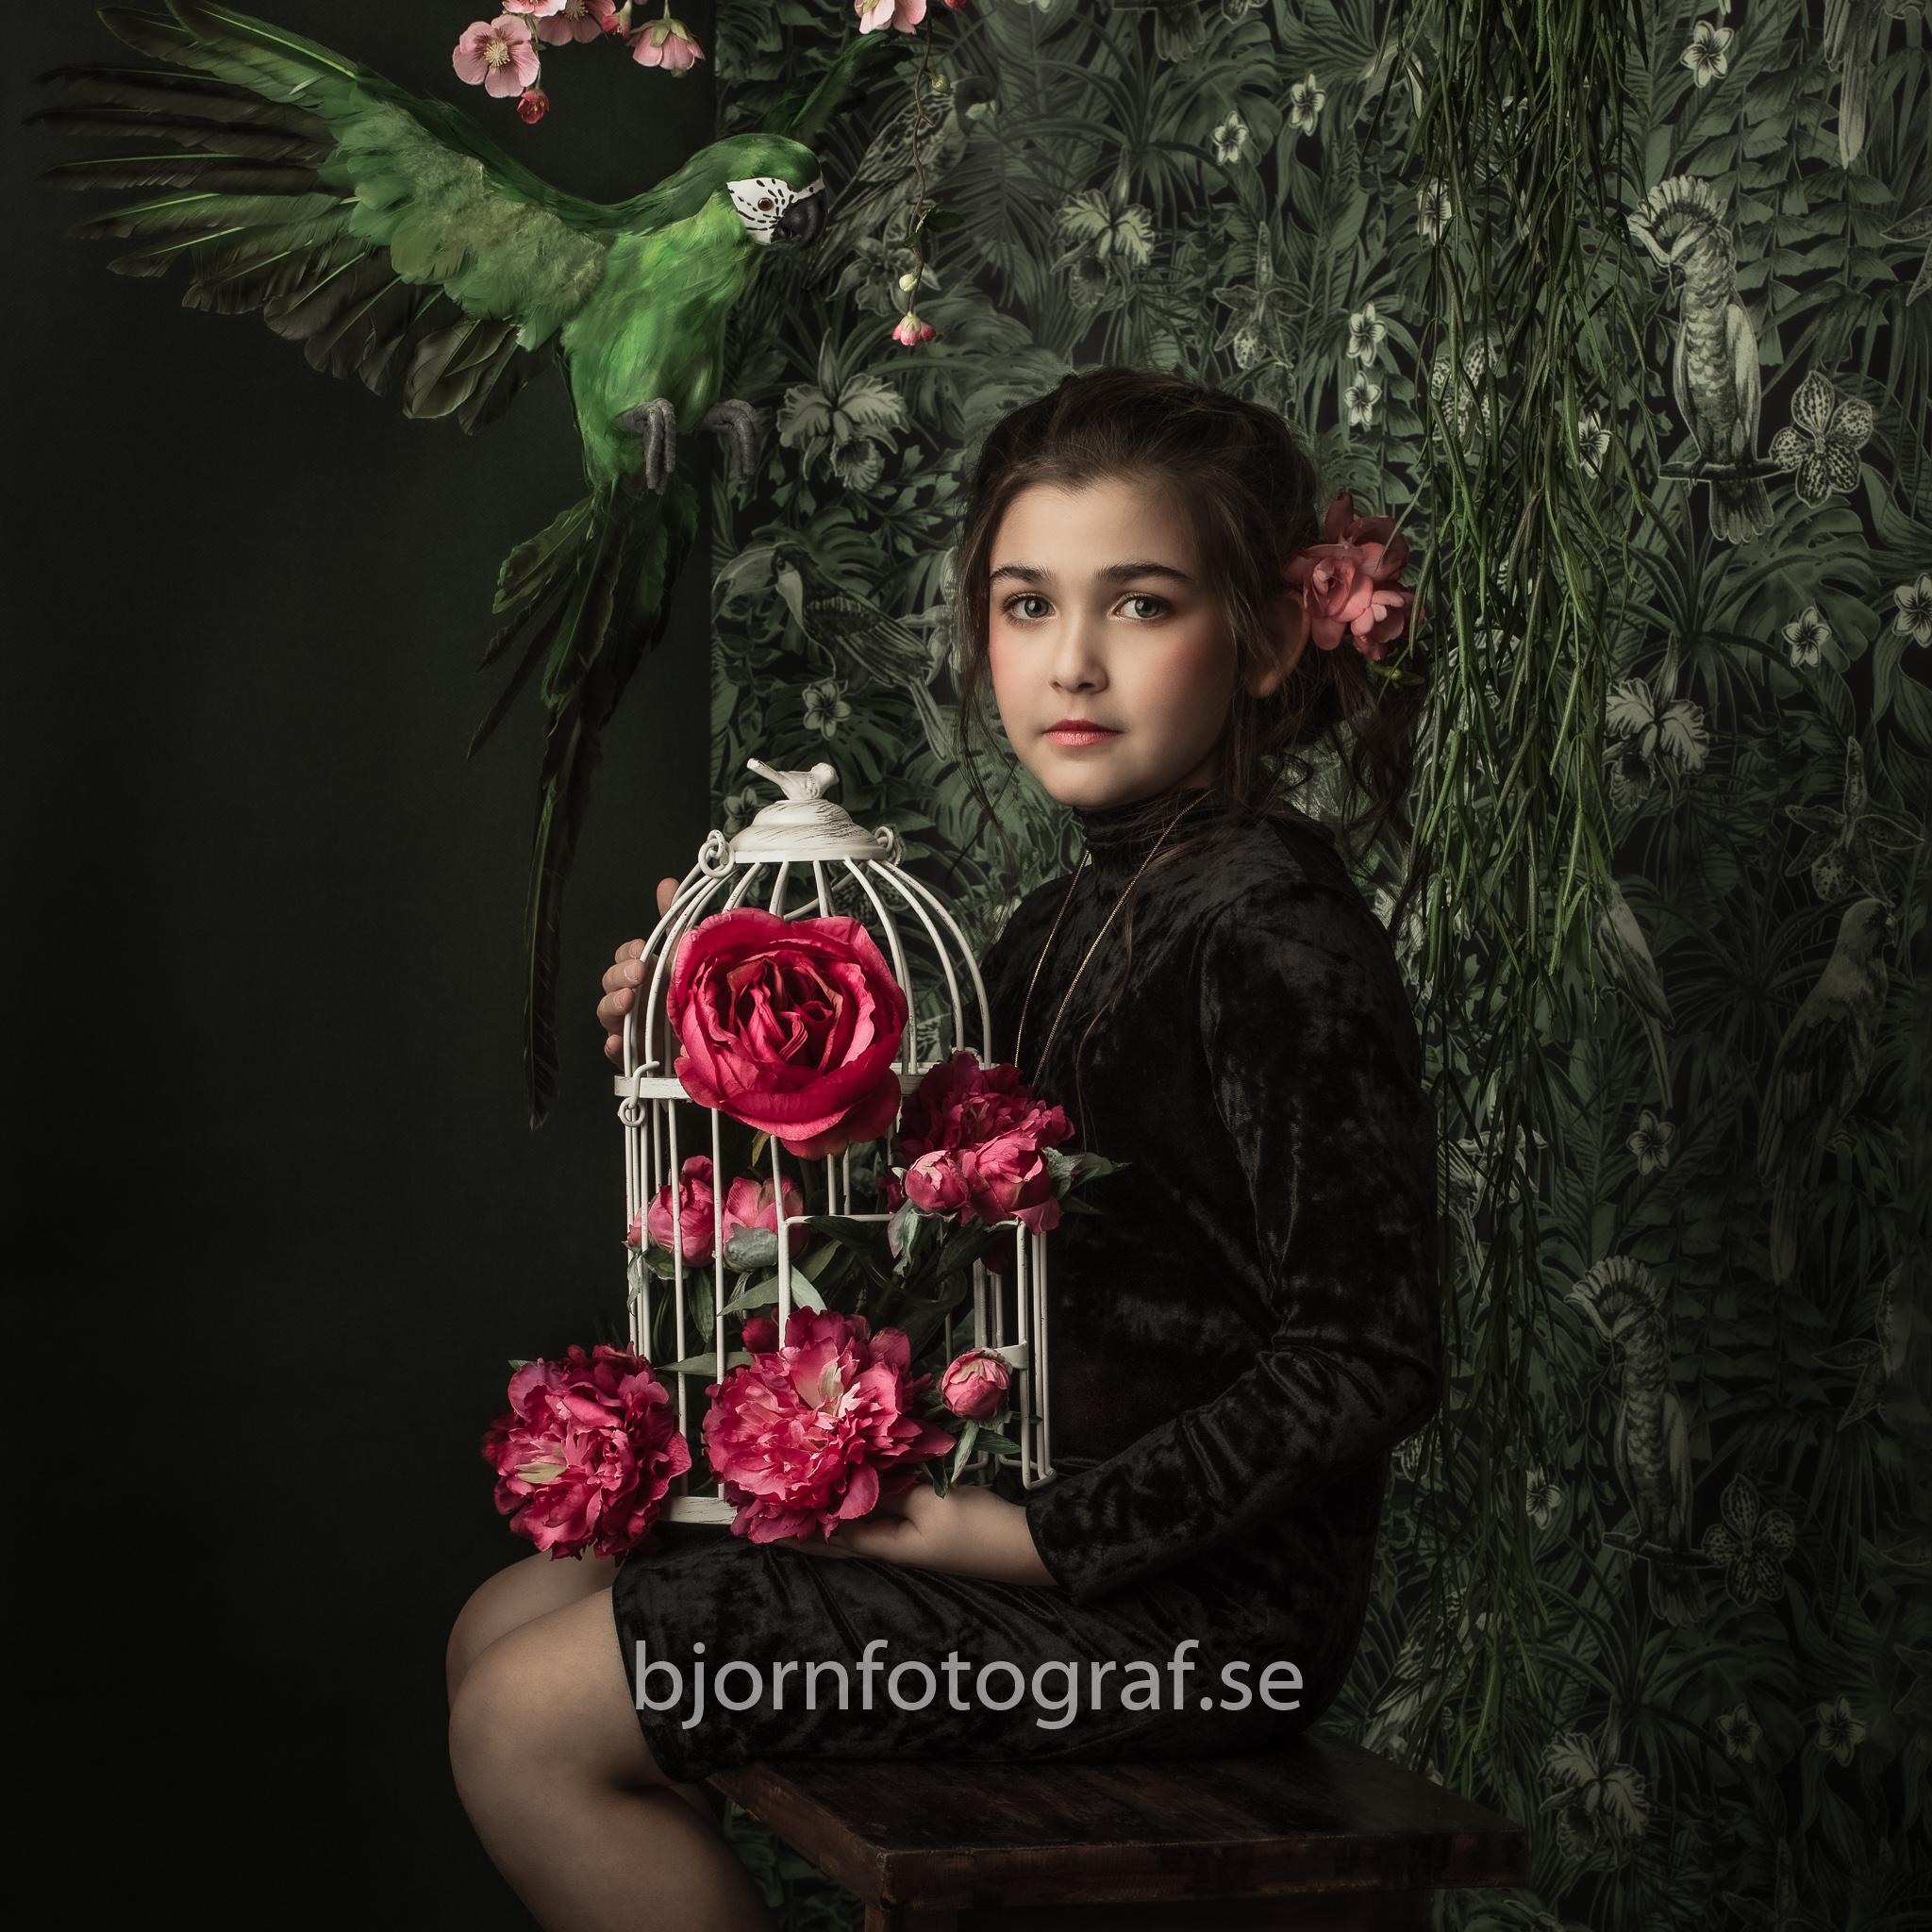 Årets Porträttfotograf 2020